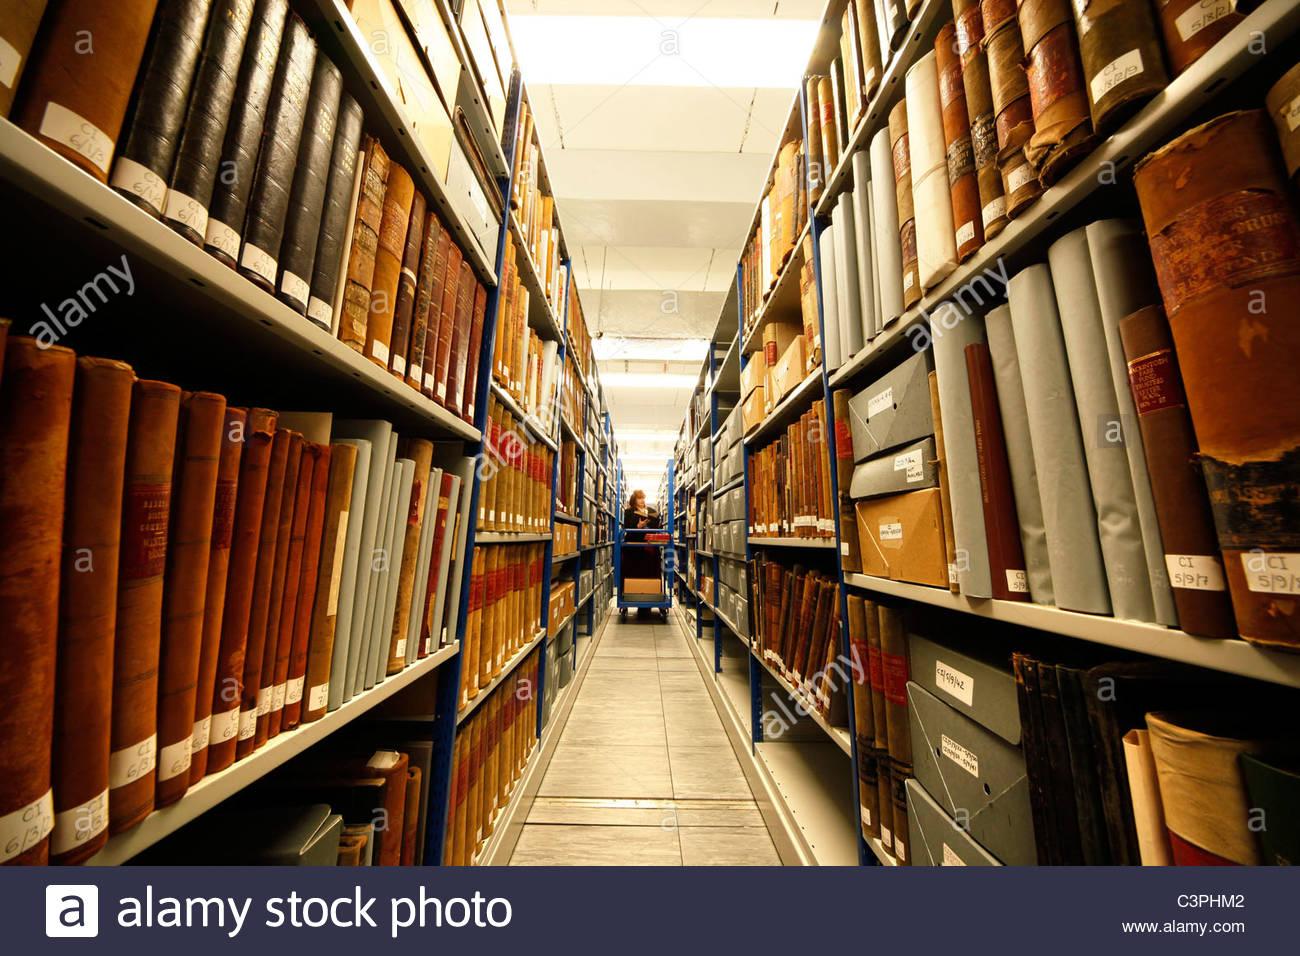 El área de almacenamiento en el centro de registro y archivo de tierras altas, Inverness, Highland. Imagen De Stock